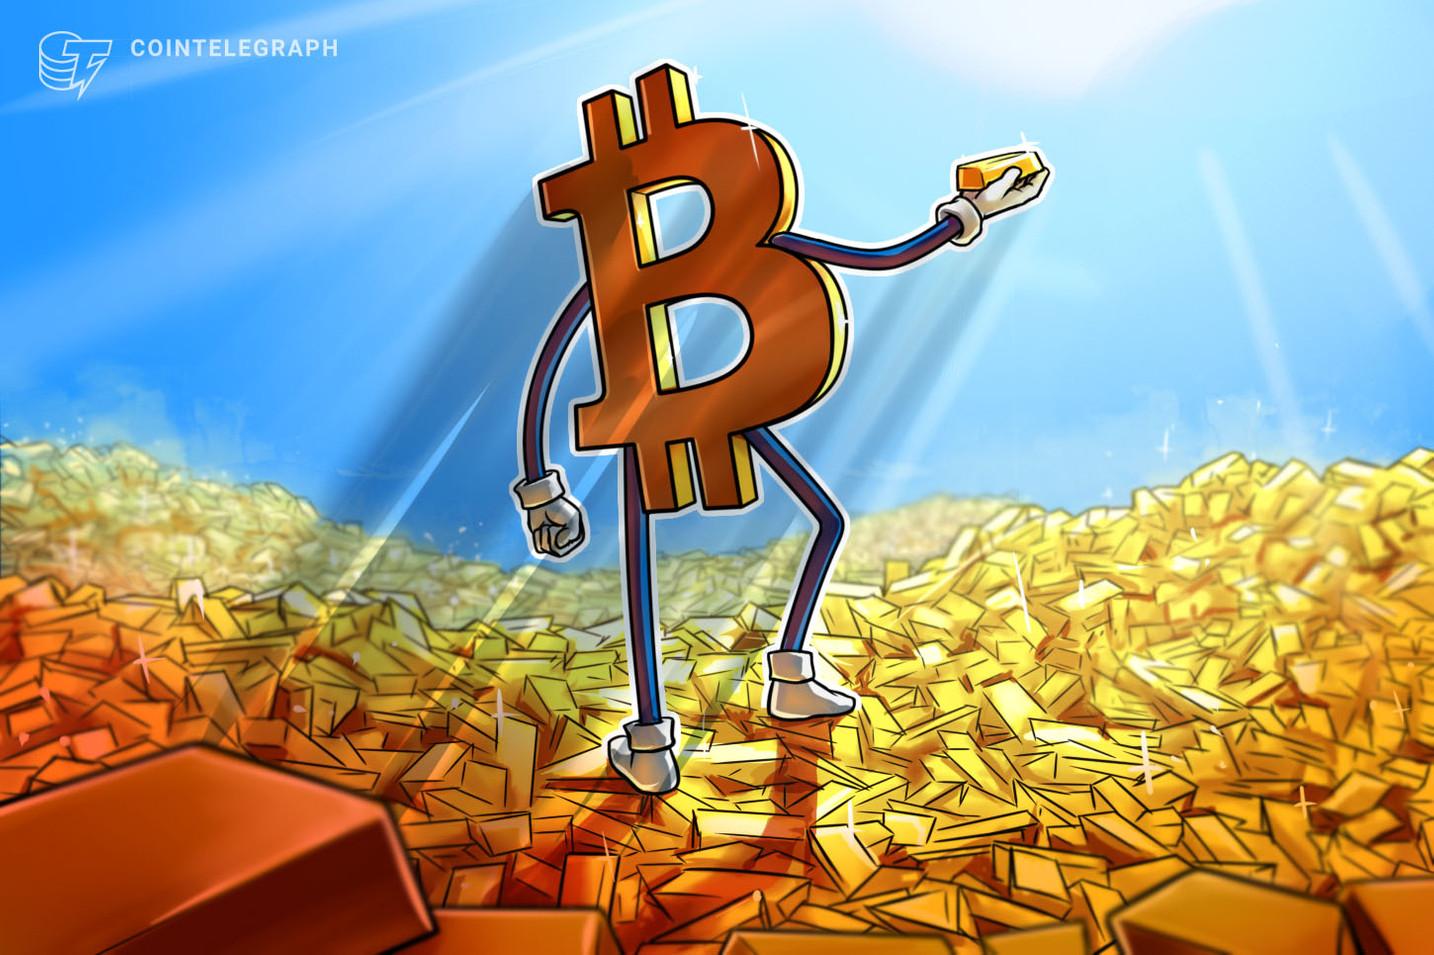 Especialistas: 'as saídas de ouro estão impulsionando o preço do Bitcoin a subir'